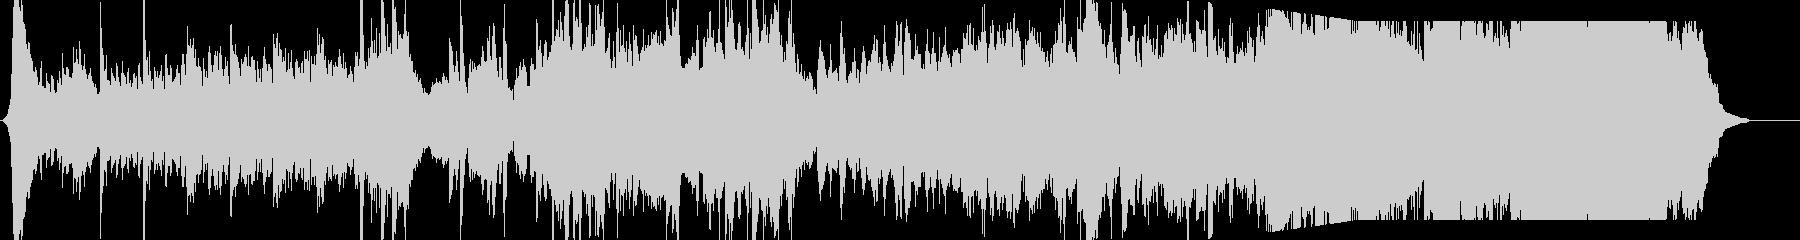 ファンタジーな澄んで美しいフルオケ音楽の未再生の波形